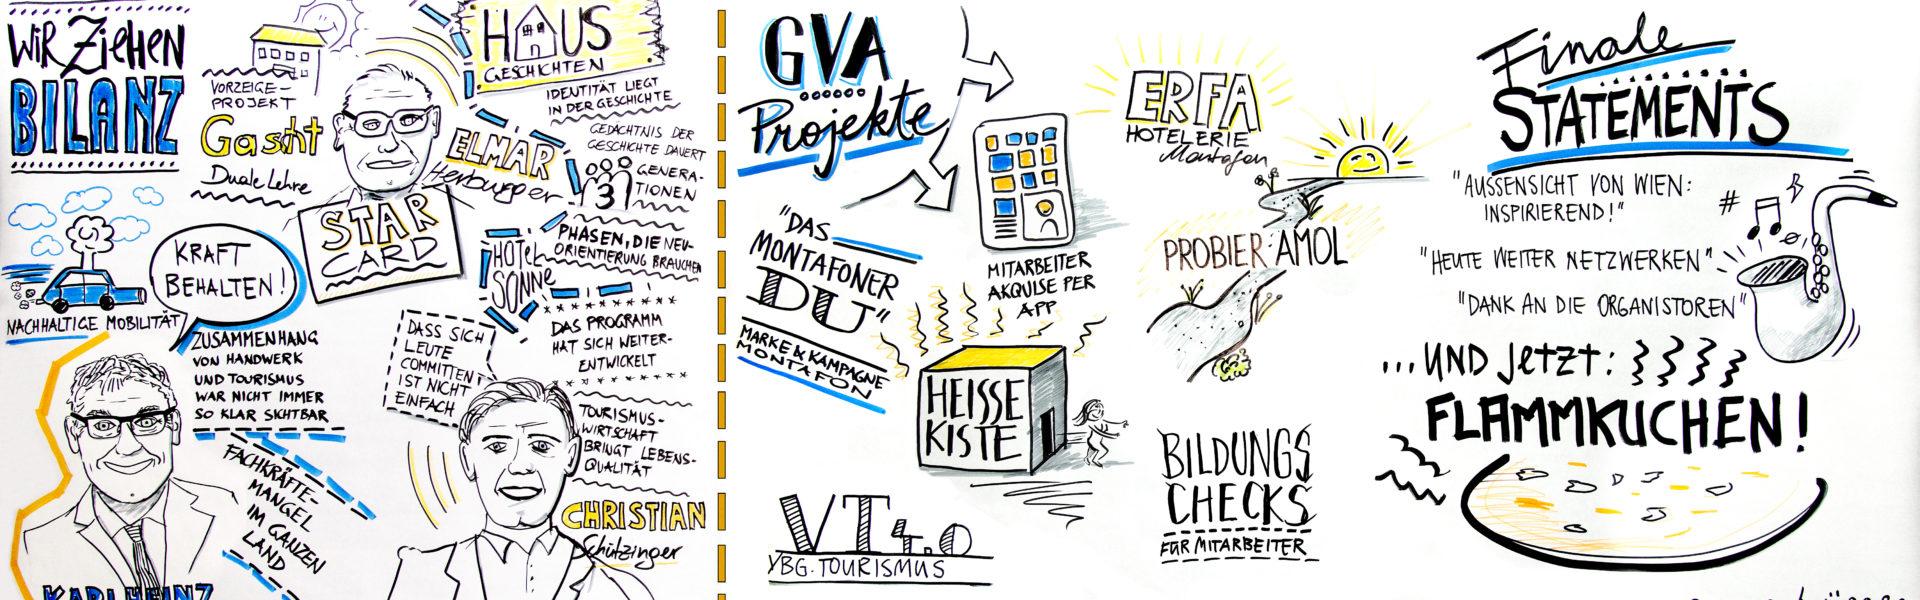 Symposion zum Thema Vernetzung von Gastgeben auf Vorarlberger Art (c) Christa Engstler / Vorarlberg Tourismus